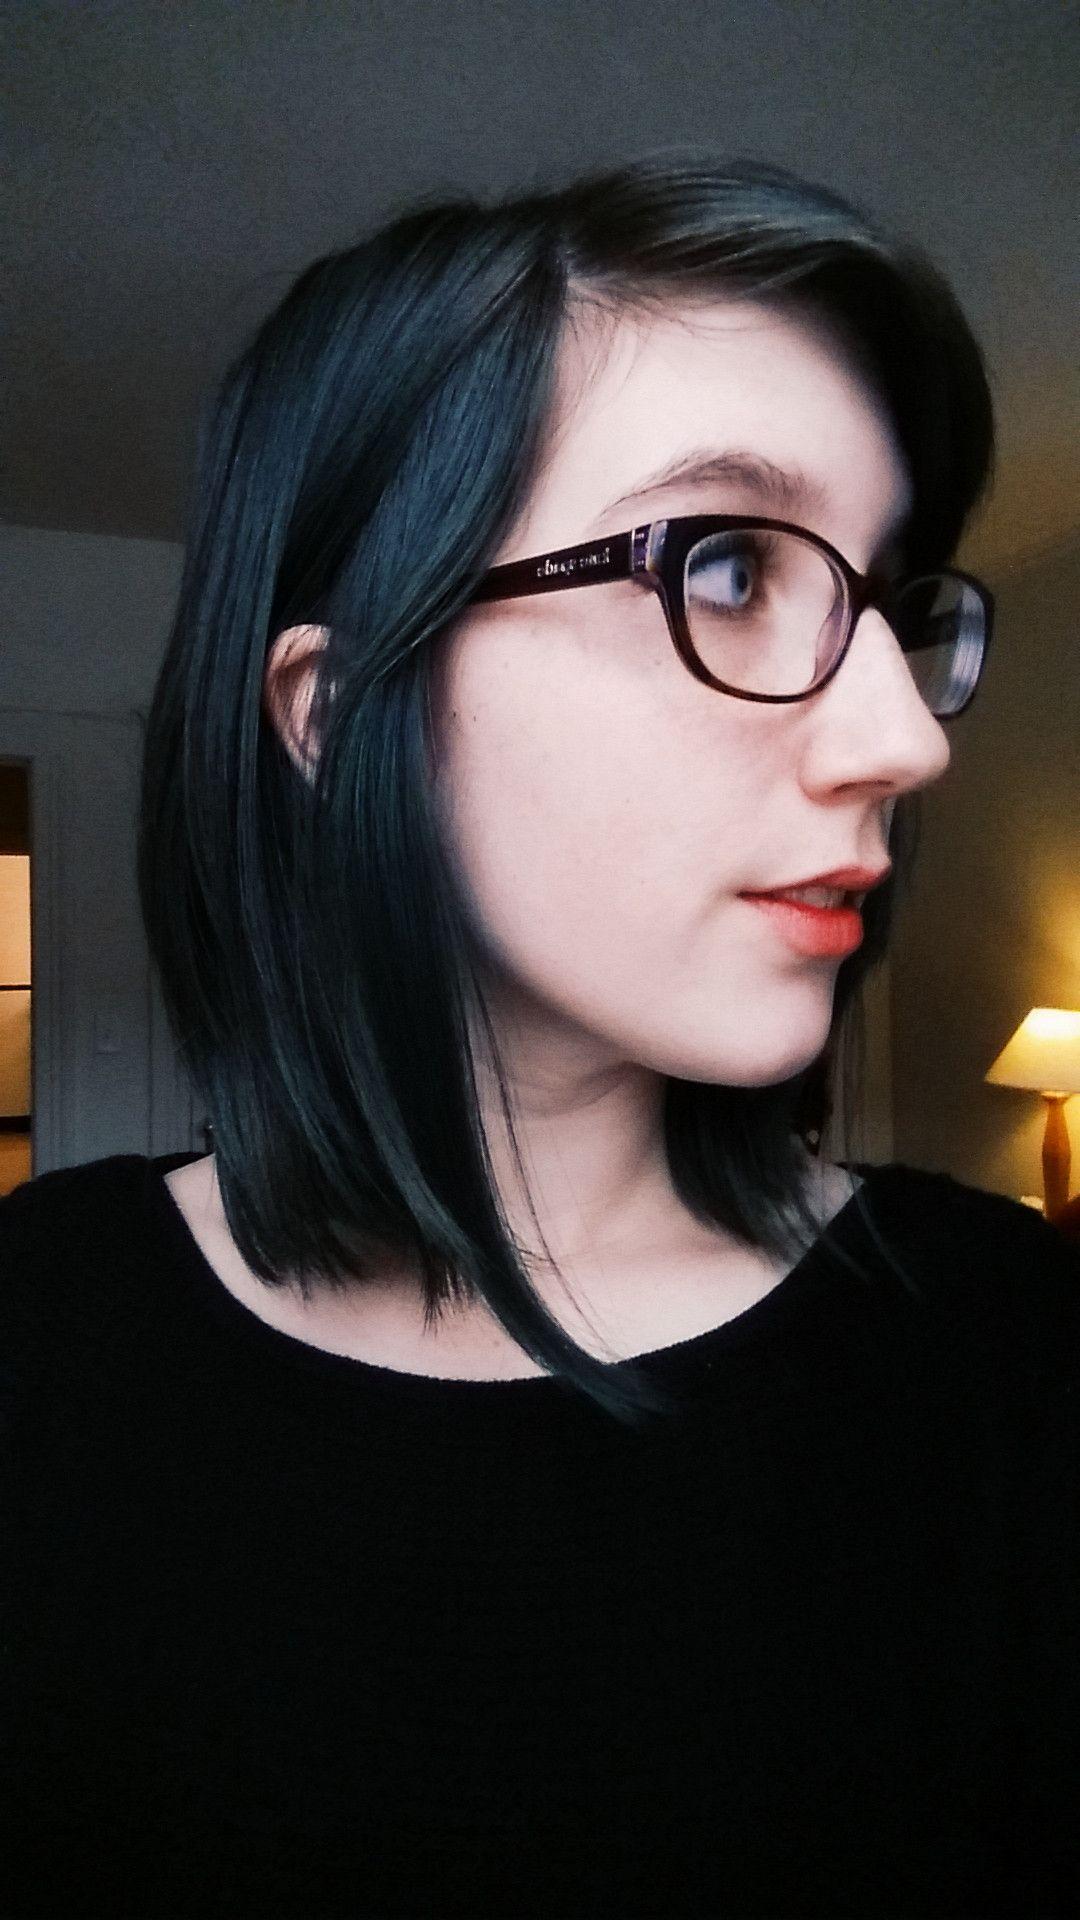 mermaid in 2019 hairspiration